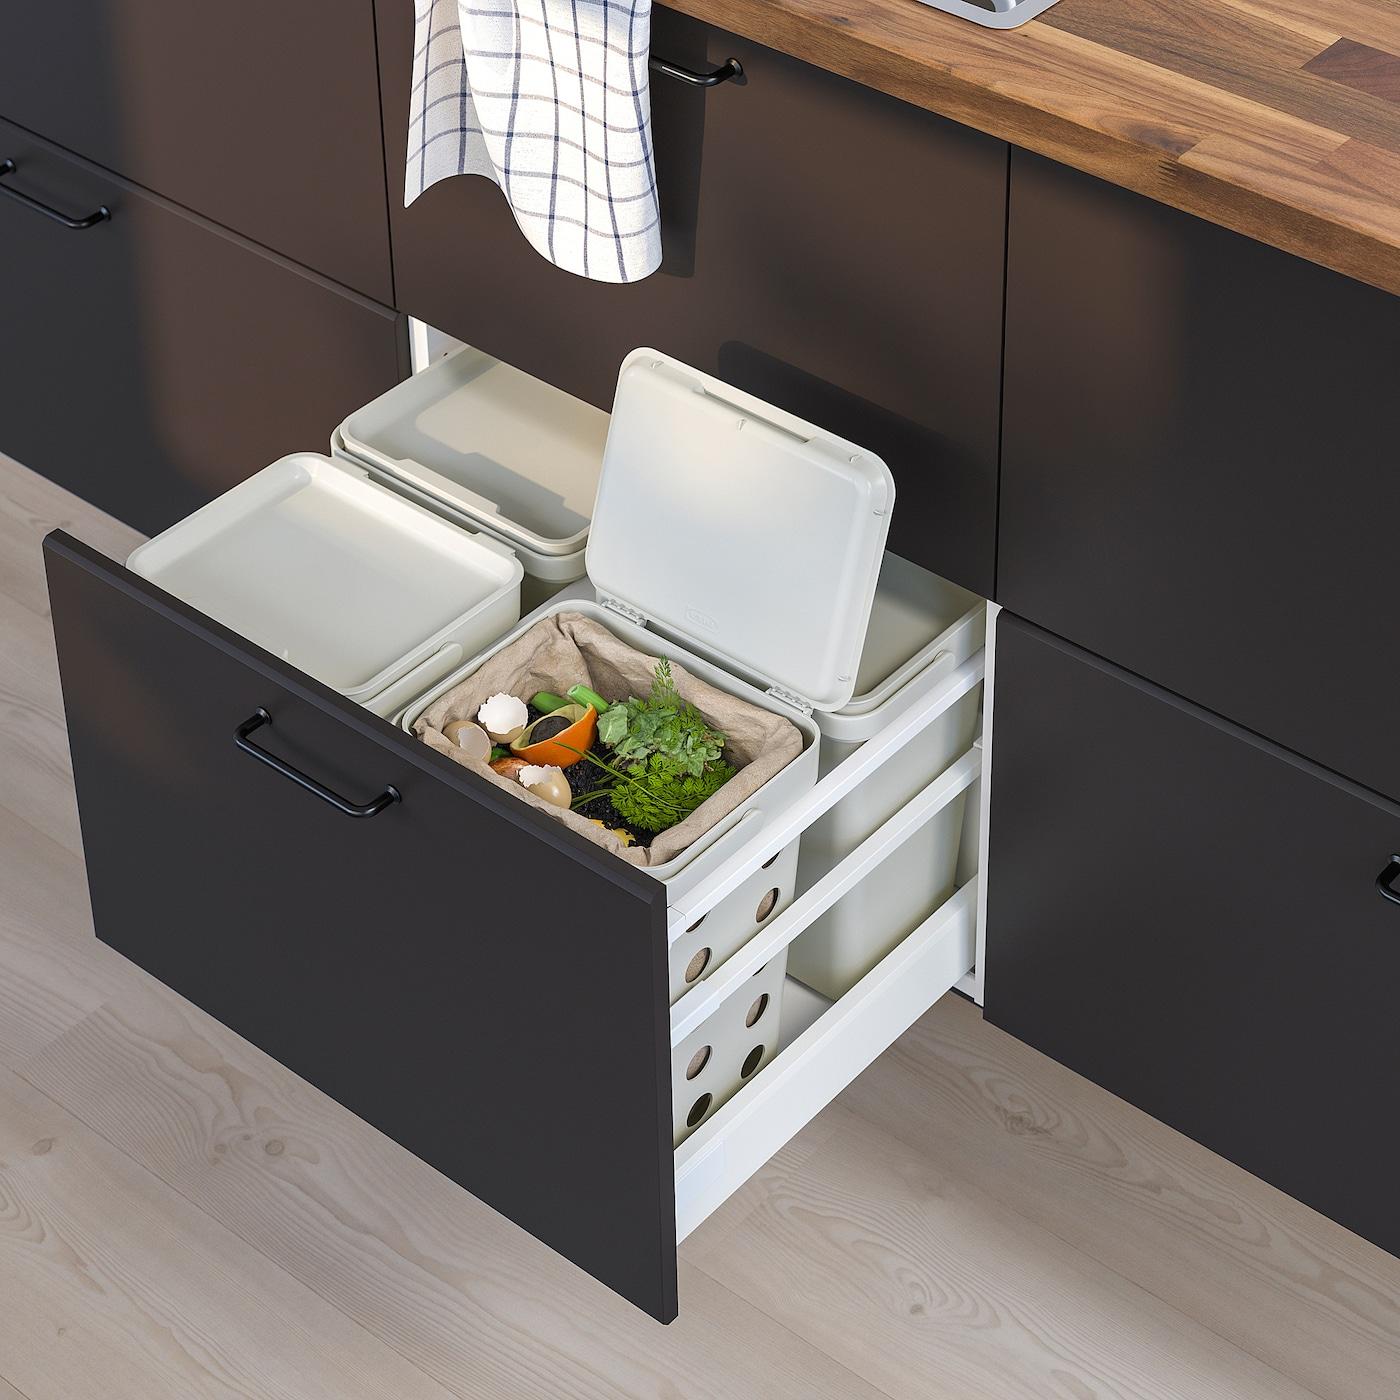 Raccolta Differenziata Bidoni Ikea hÅllbar secchio/coperchio rifiuti organici - grigio chiaro 10 l